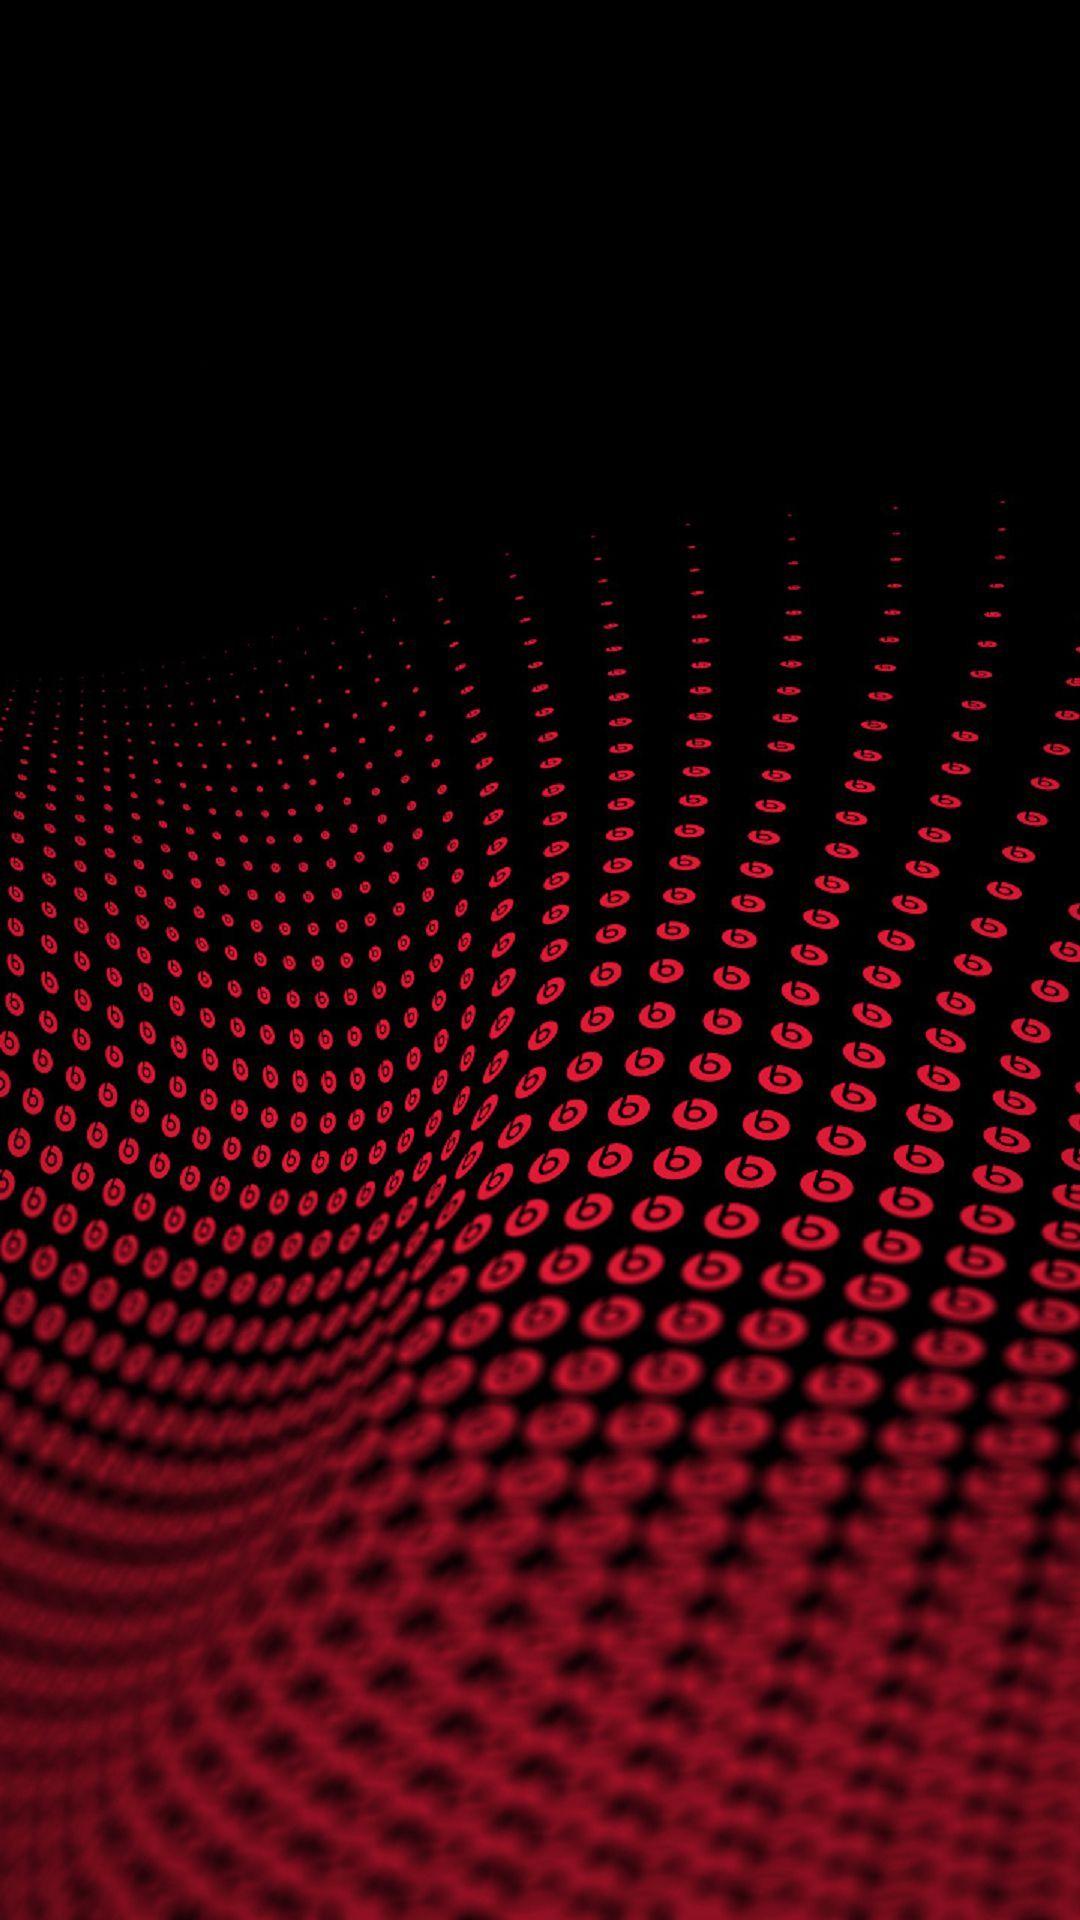 Beats By Dre Logo Wave Pattern IPhone 6 HD Wallpaper 1080x1920 Pixels